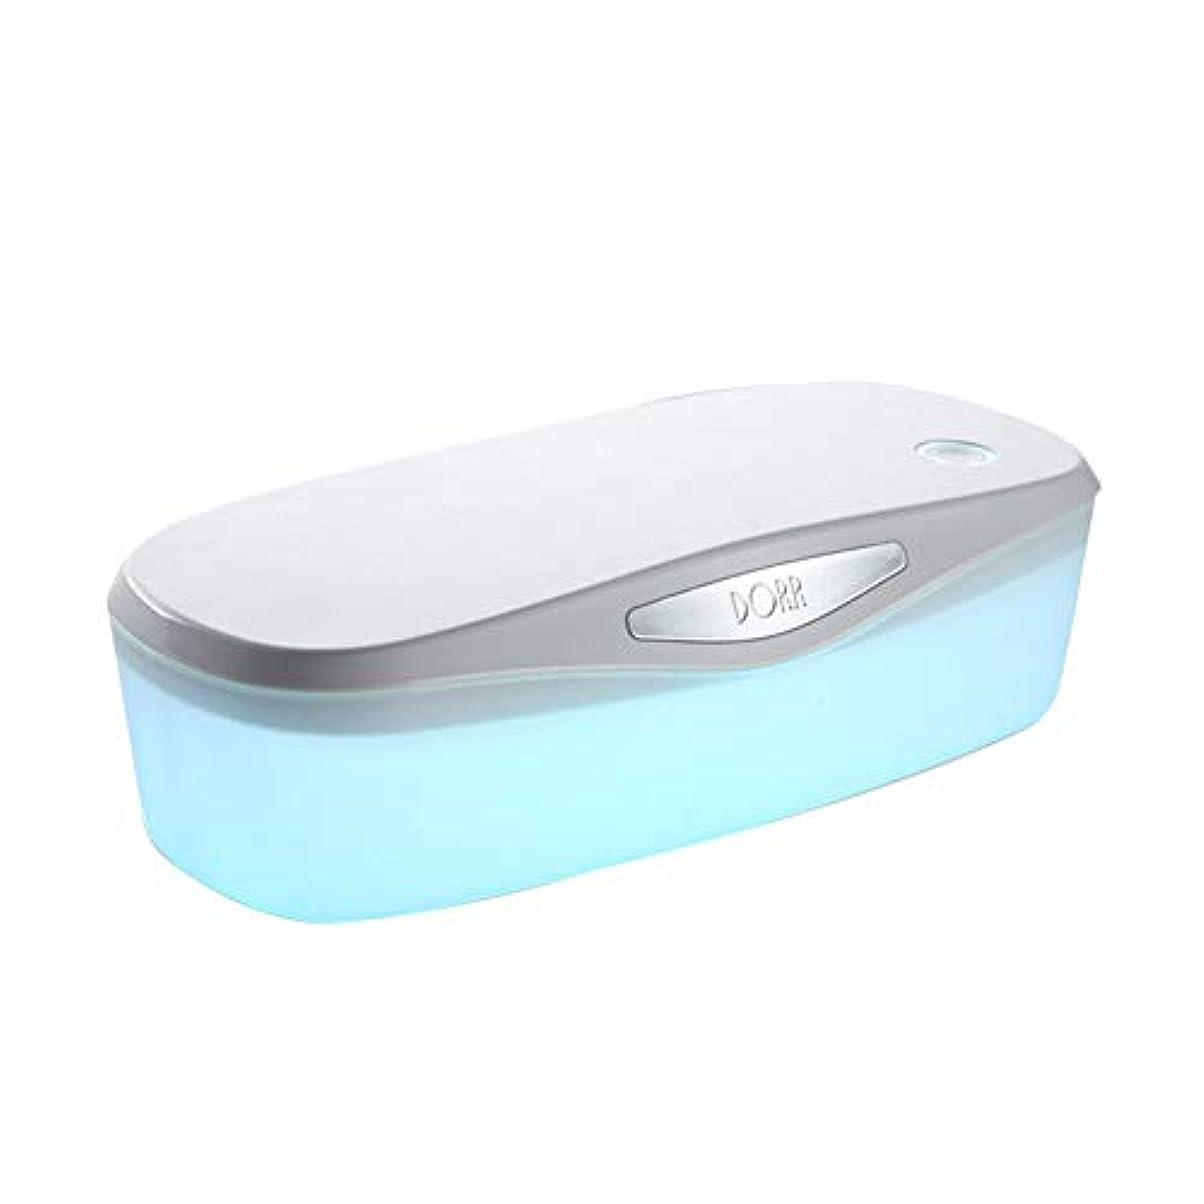 視力レタッチ暴徒紫外線殺菌箱、携帯用USBの抗菌性のオゾン殺菌の殺菌ランプが付いている紫外線殺菌装置、おしゃぶりのための美用具の滅菌装置成人用製品大広間用具食器類化粧筆歯ブラシ